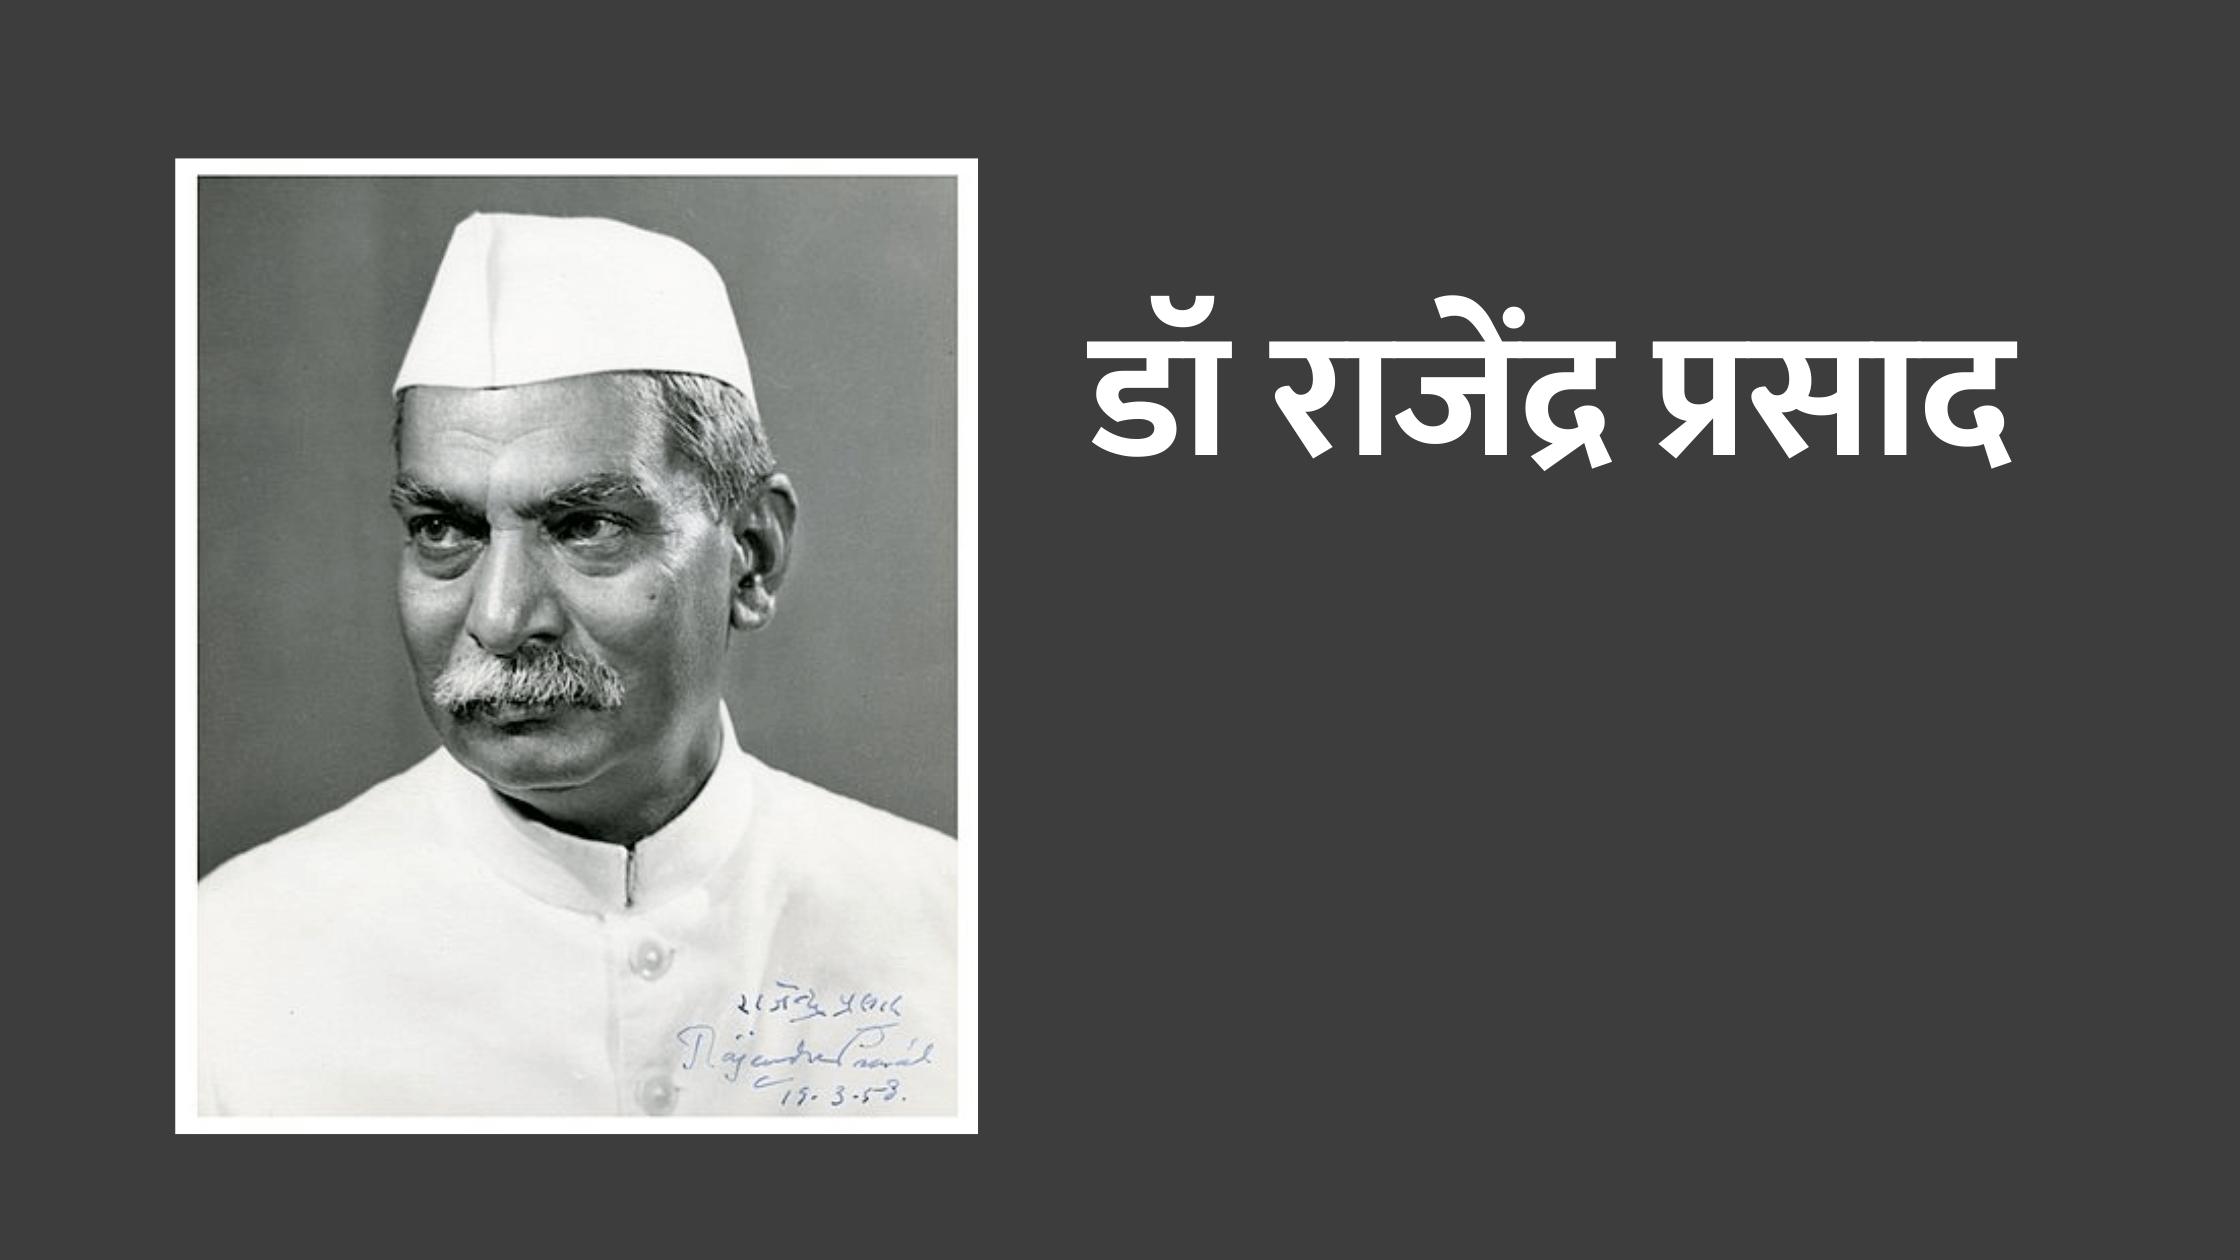 डॉ राजेंद्र प्रसाद (Dr. Rajendra Prasad) की जीवनी